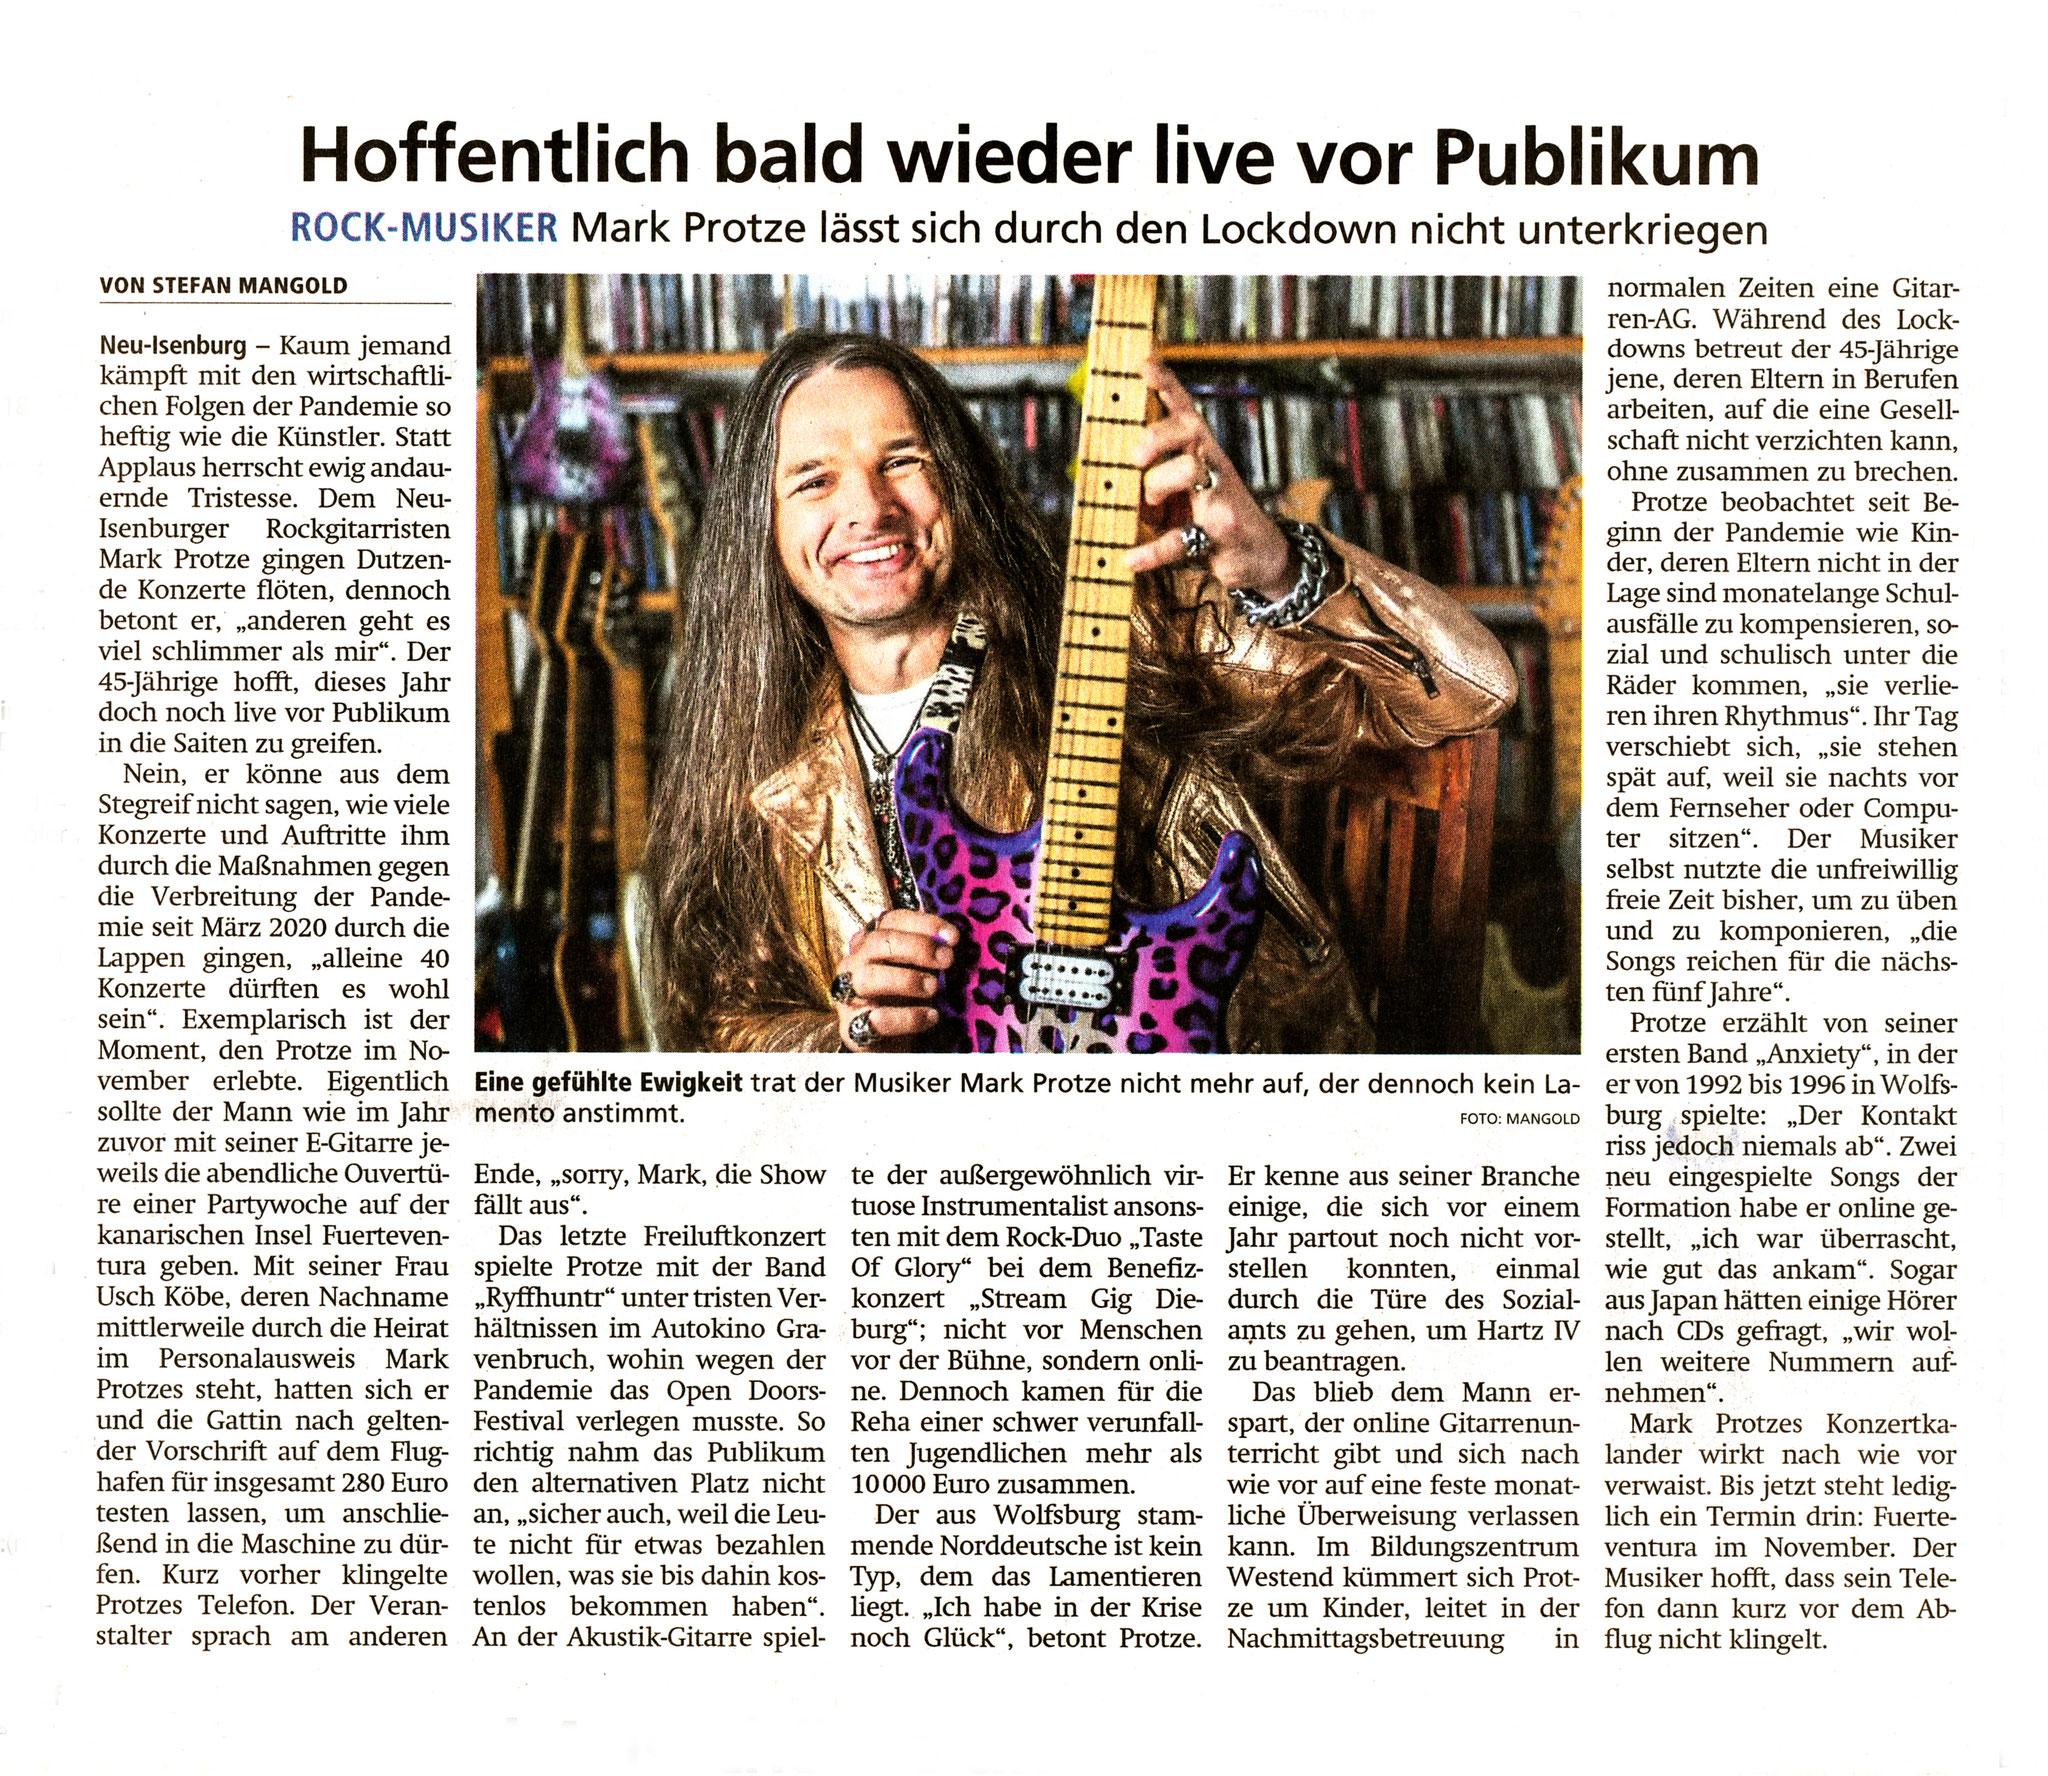 Artikel Offenbach Post, 21. Juni 2021